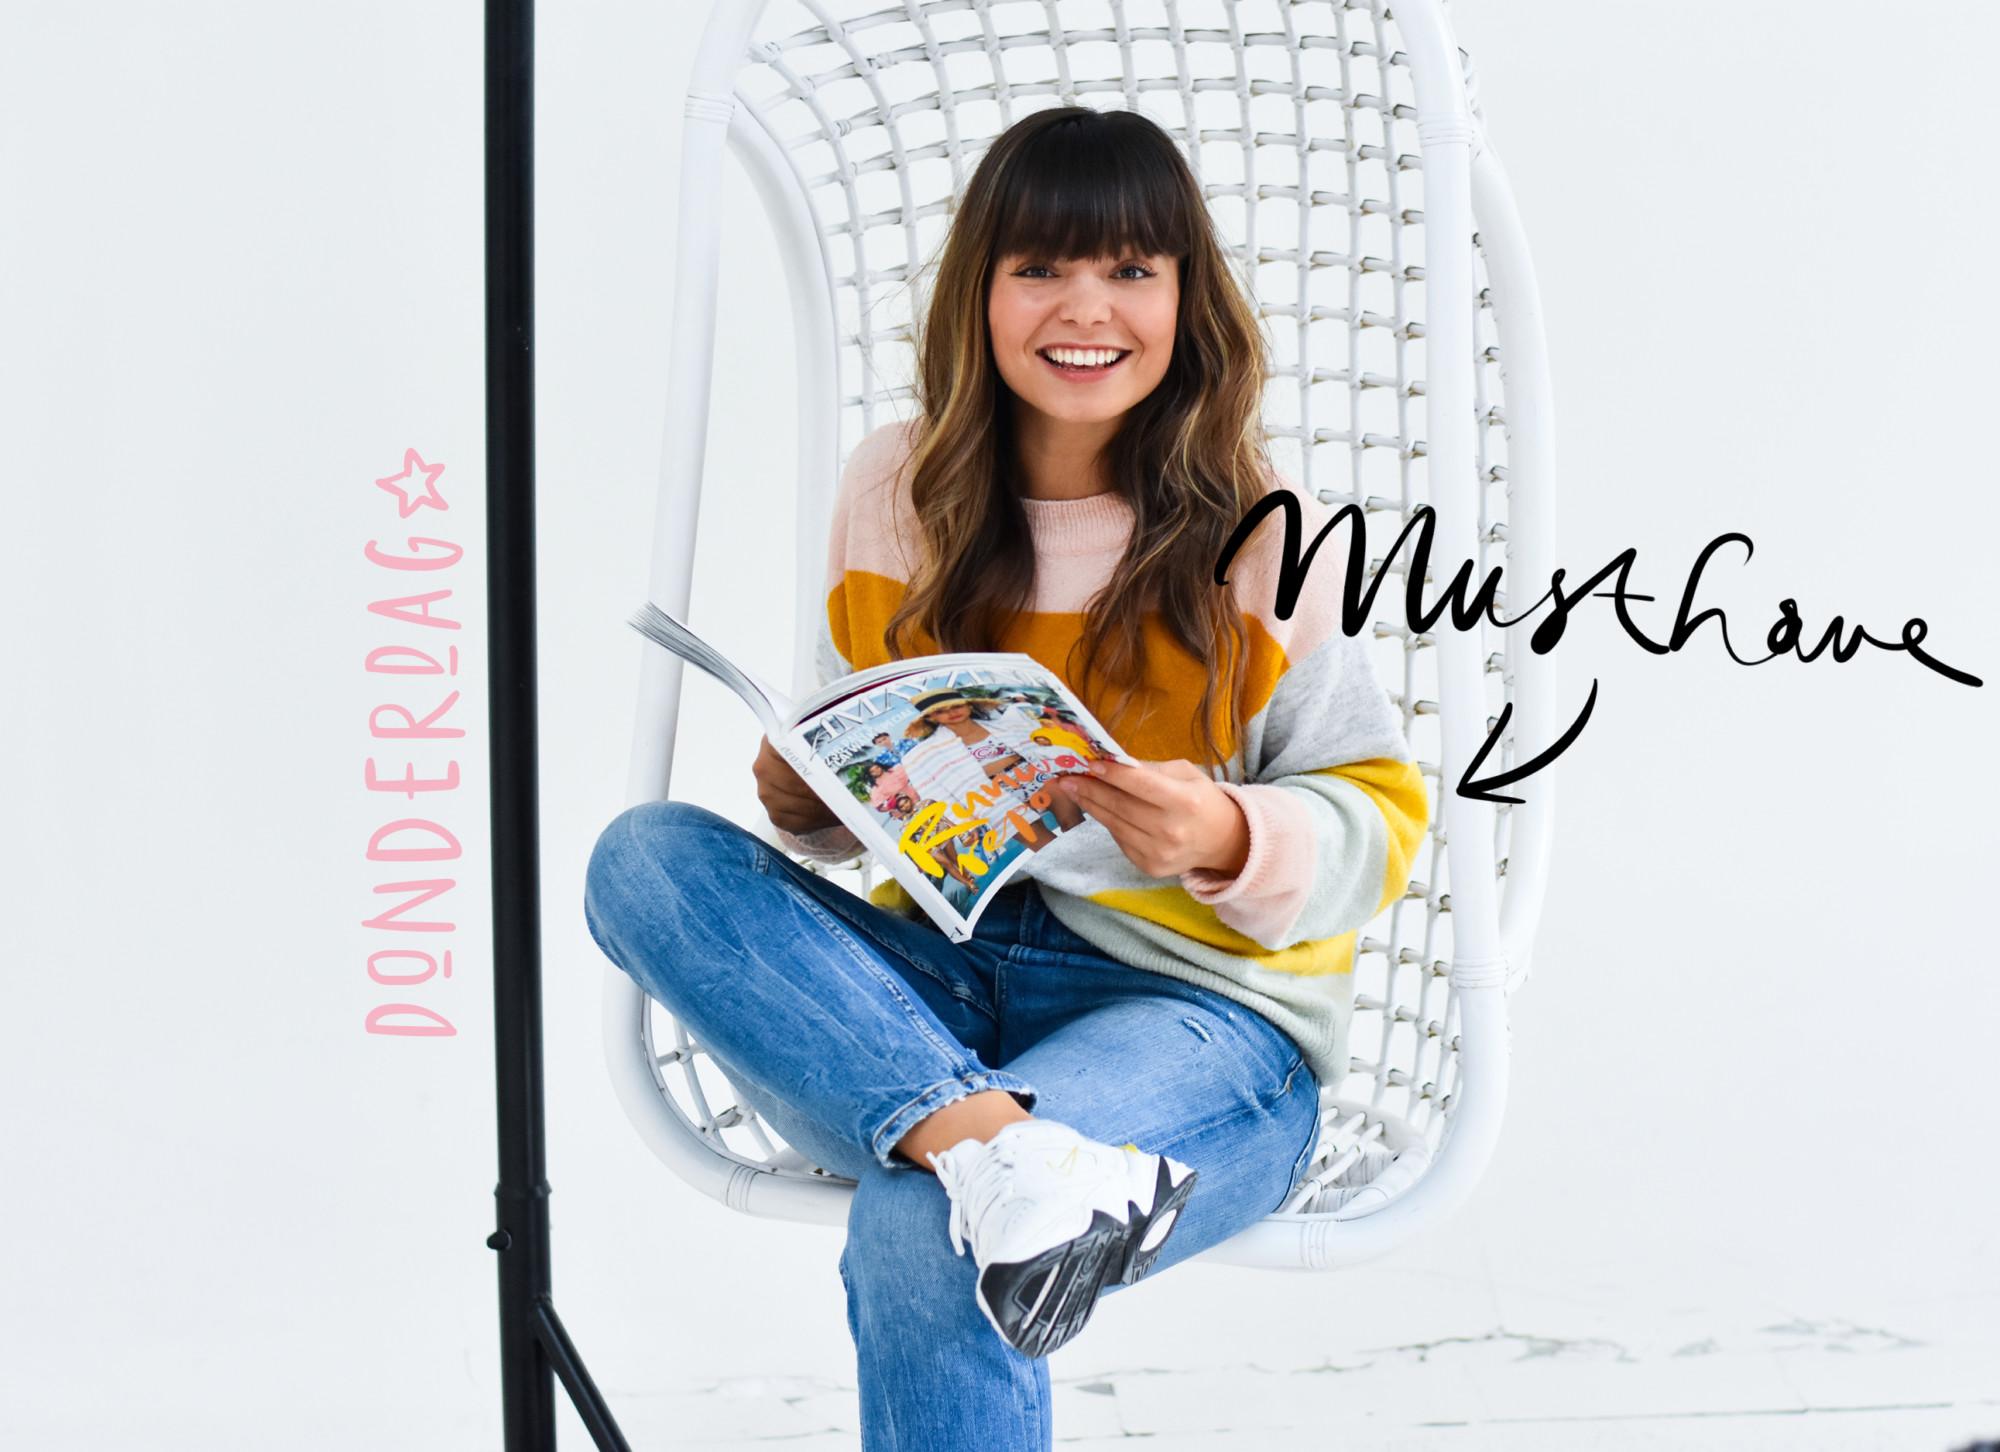 kiki duren in een stoel met witte achtergrond Ze draagt een gestreepte trui, blauwe jeans en witte sneakers van nike. In haar hand houd ze het magazine van amayzine vast. mustahave donderdag